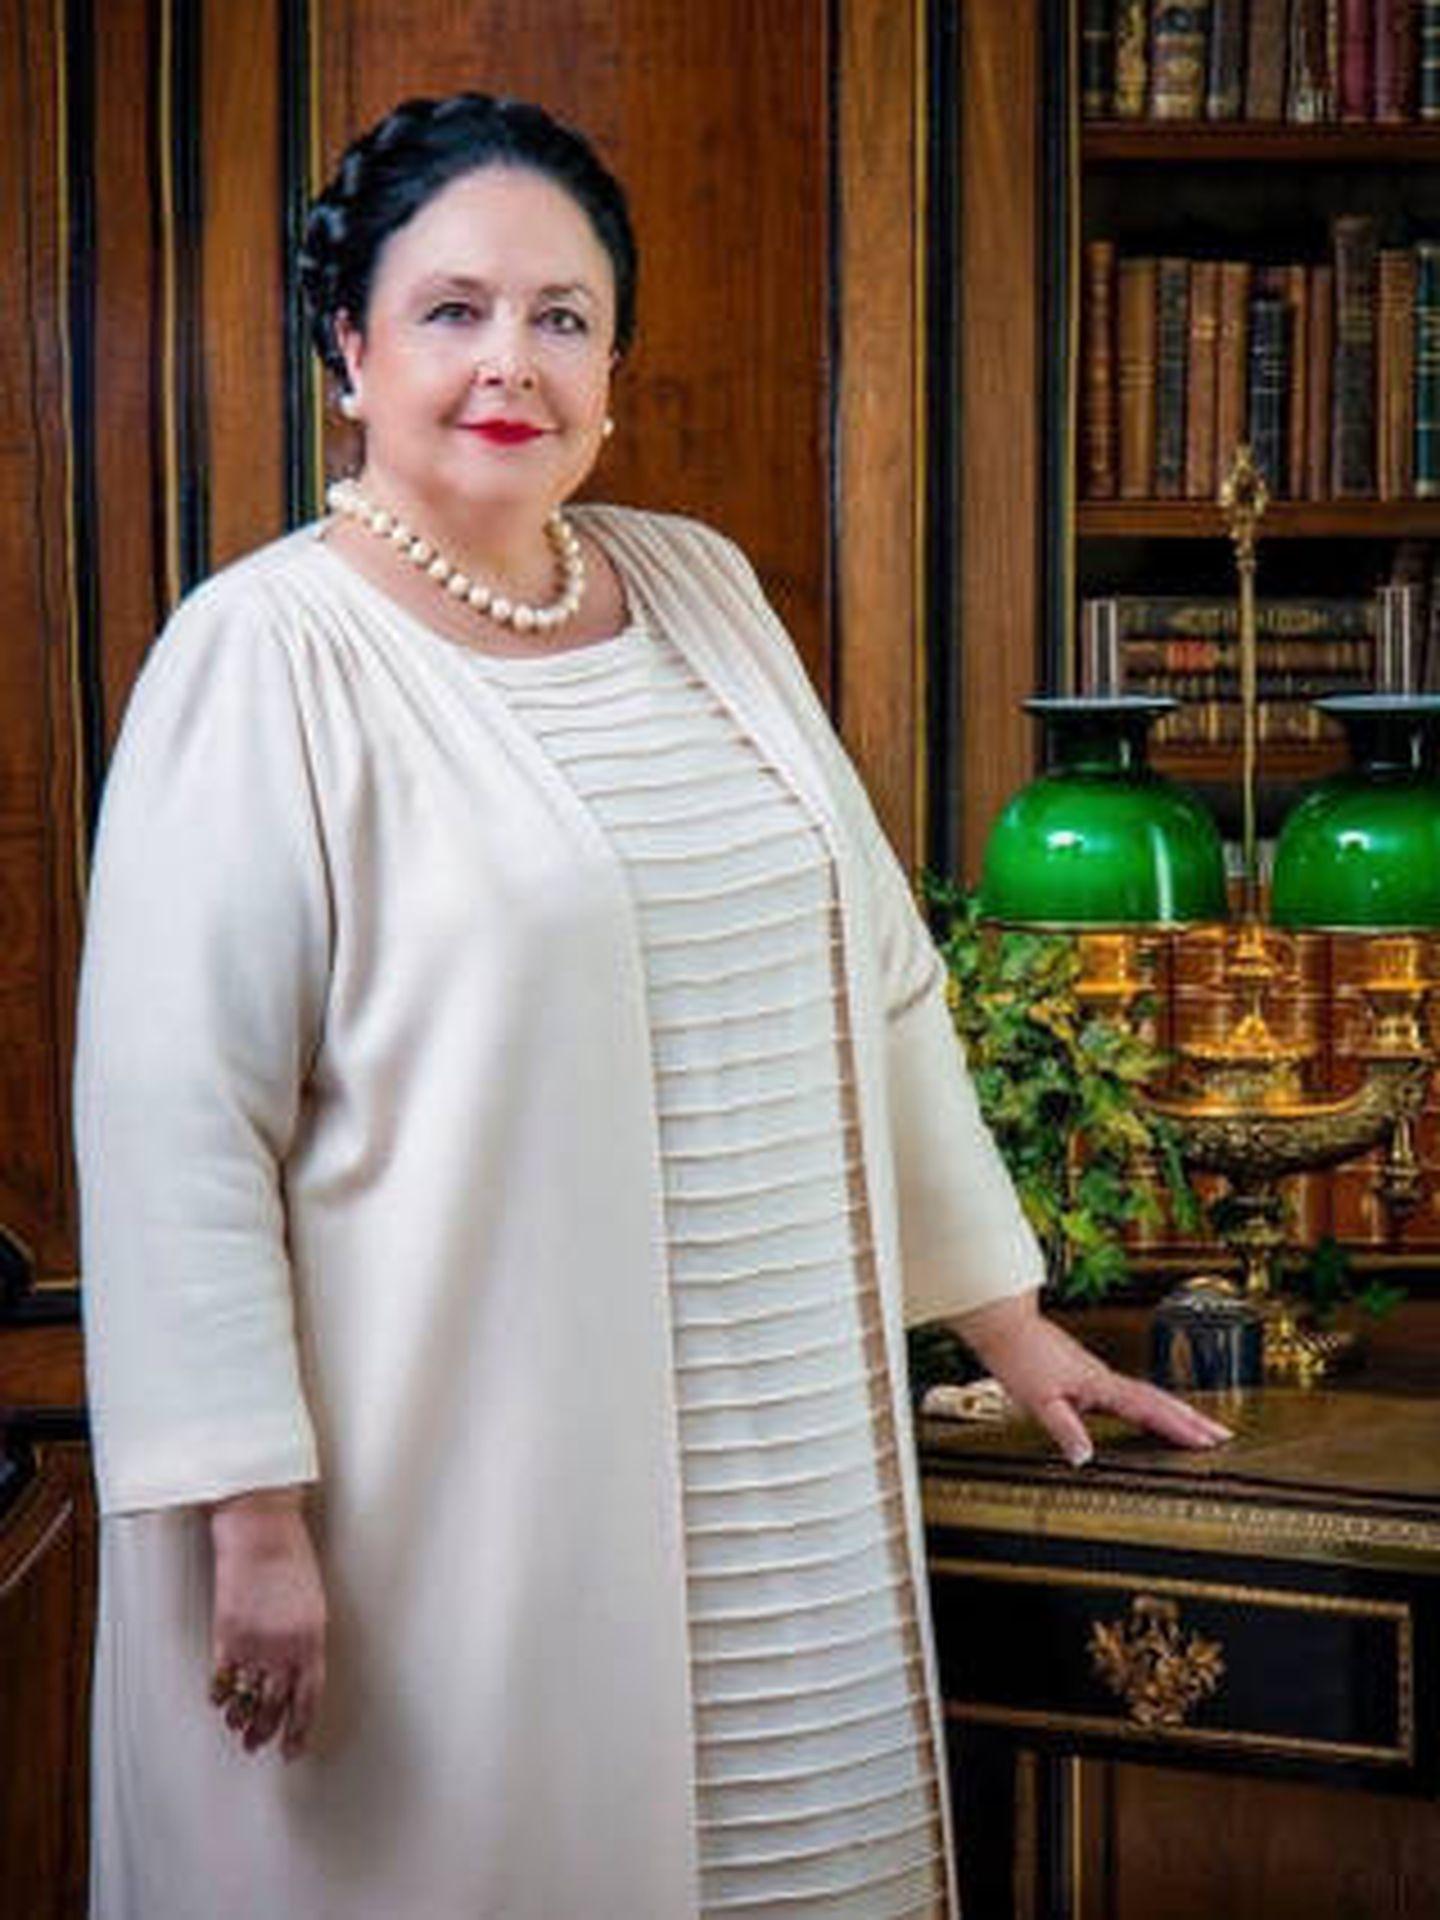 La gran duquesa rusa. (Foto: Cancillería de la Casa Imperial de Rusia)